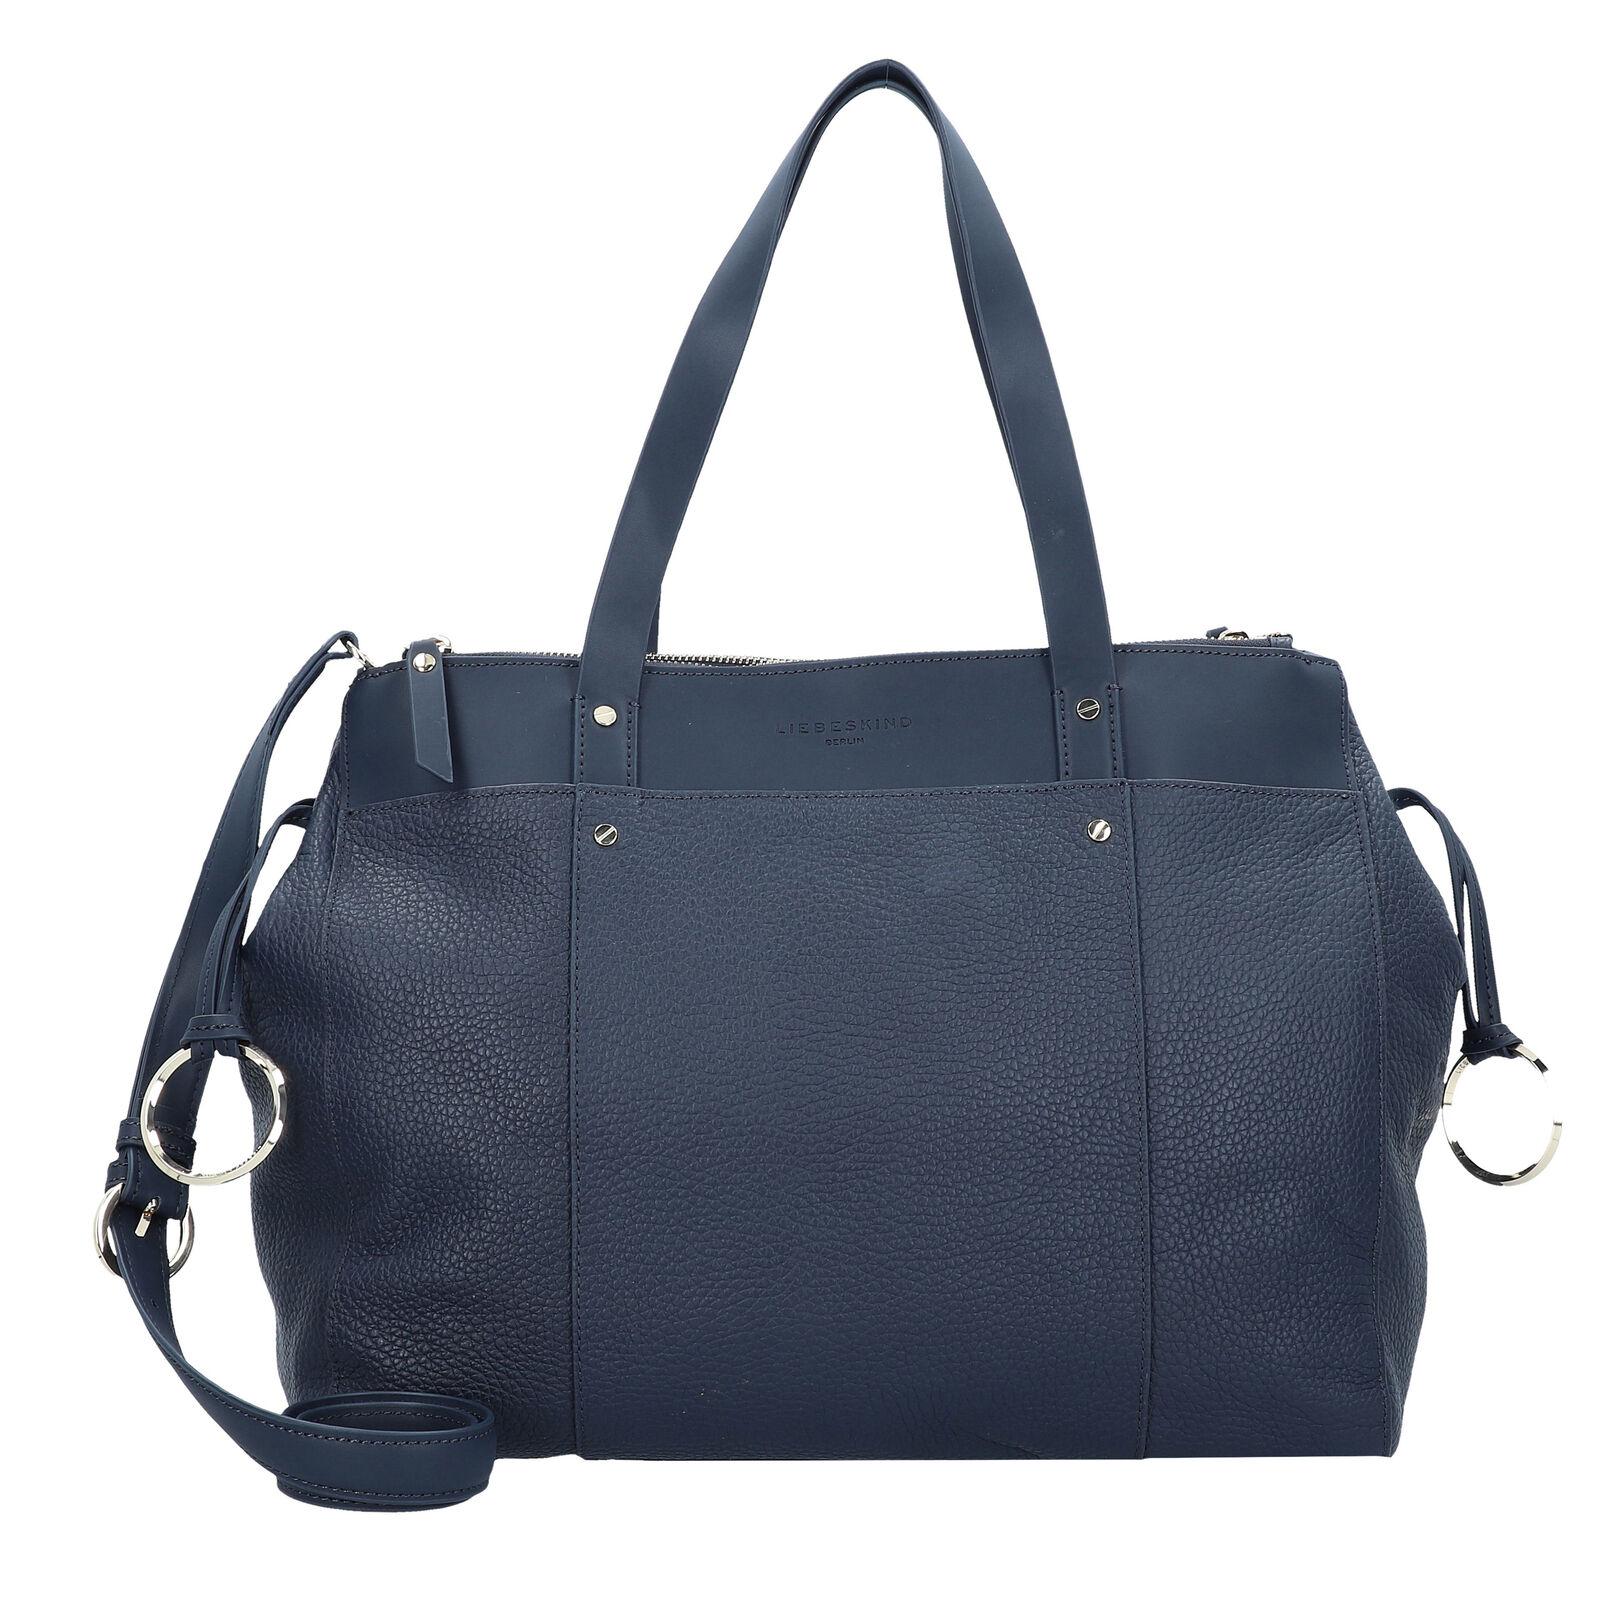 Liebeskind Pebble Handtasche Henkeltasche Damen Damen Damen Leder 43 cm (navy Blau)     | Zu verkaufen  | Verschiedene  | Qualität  0eaa6e